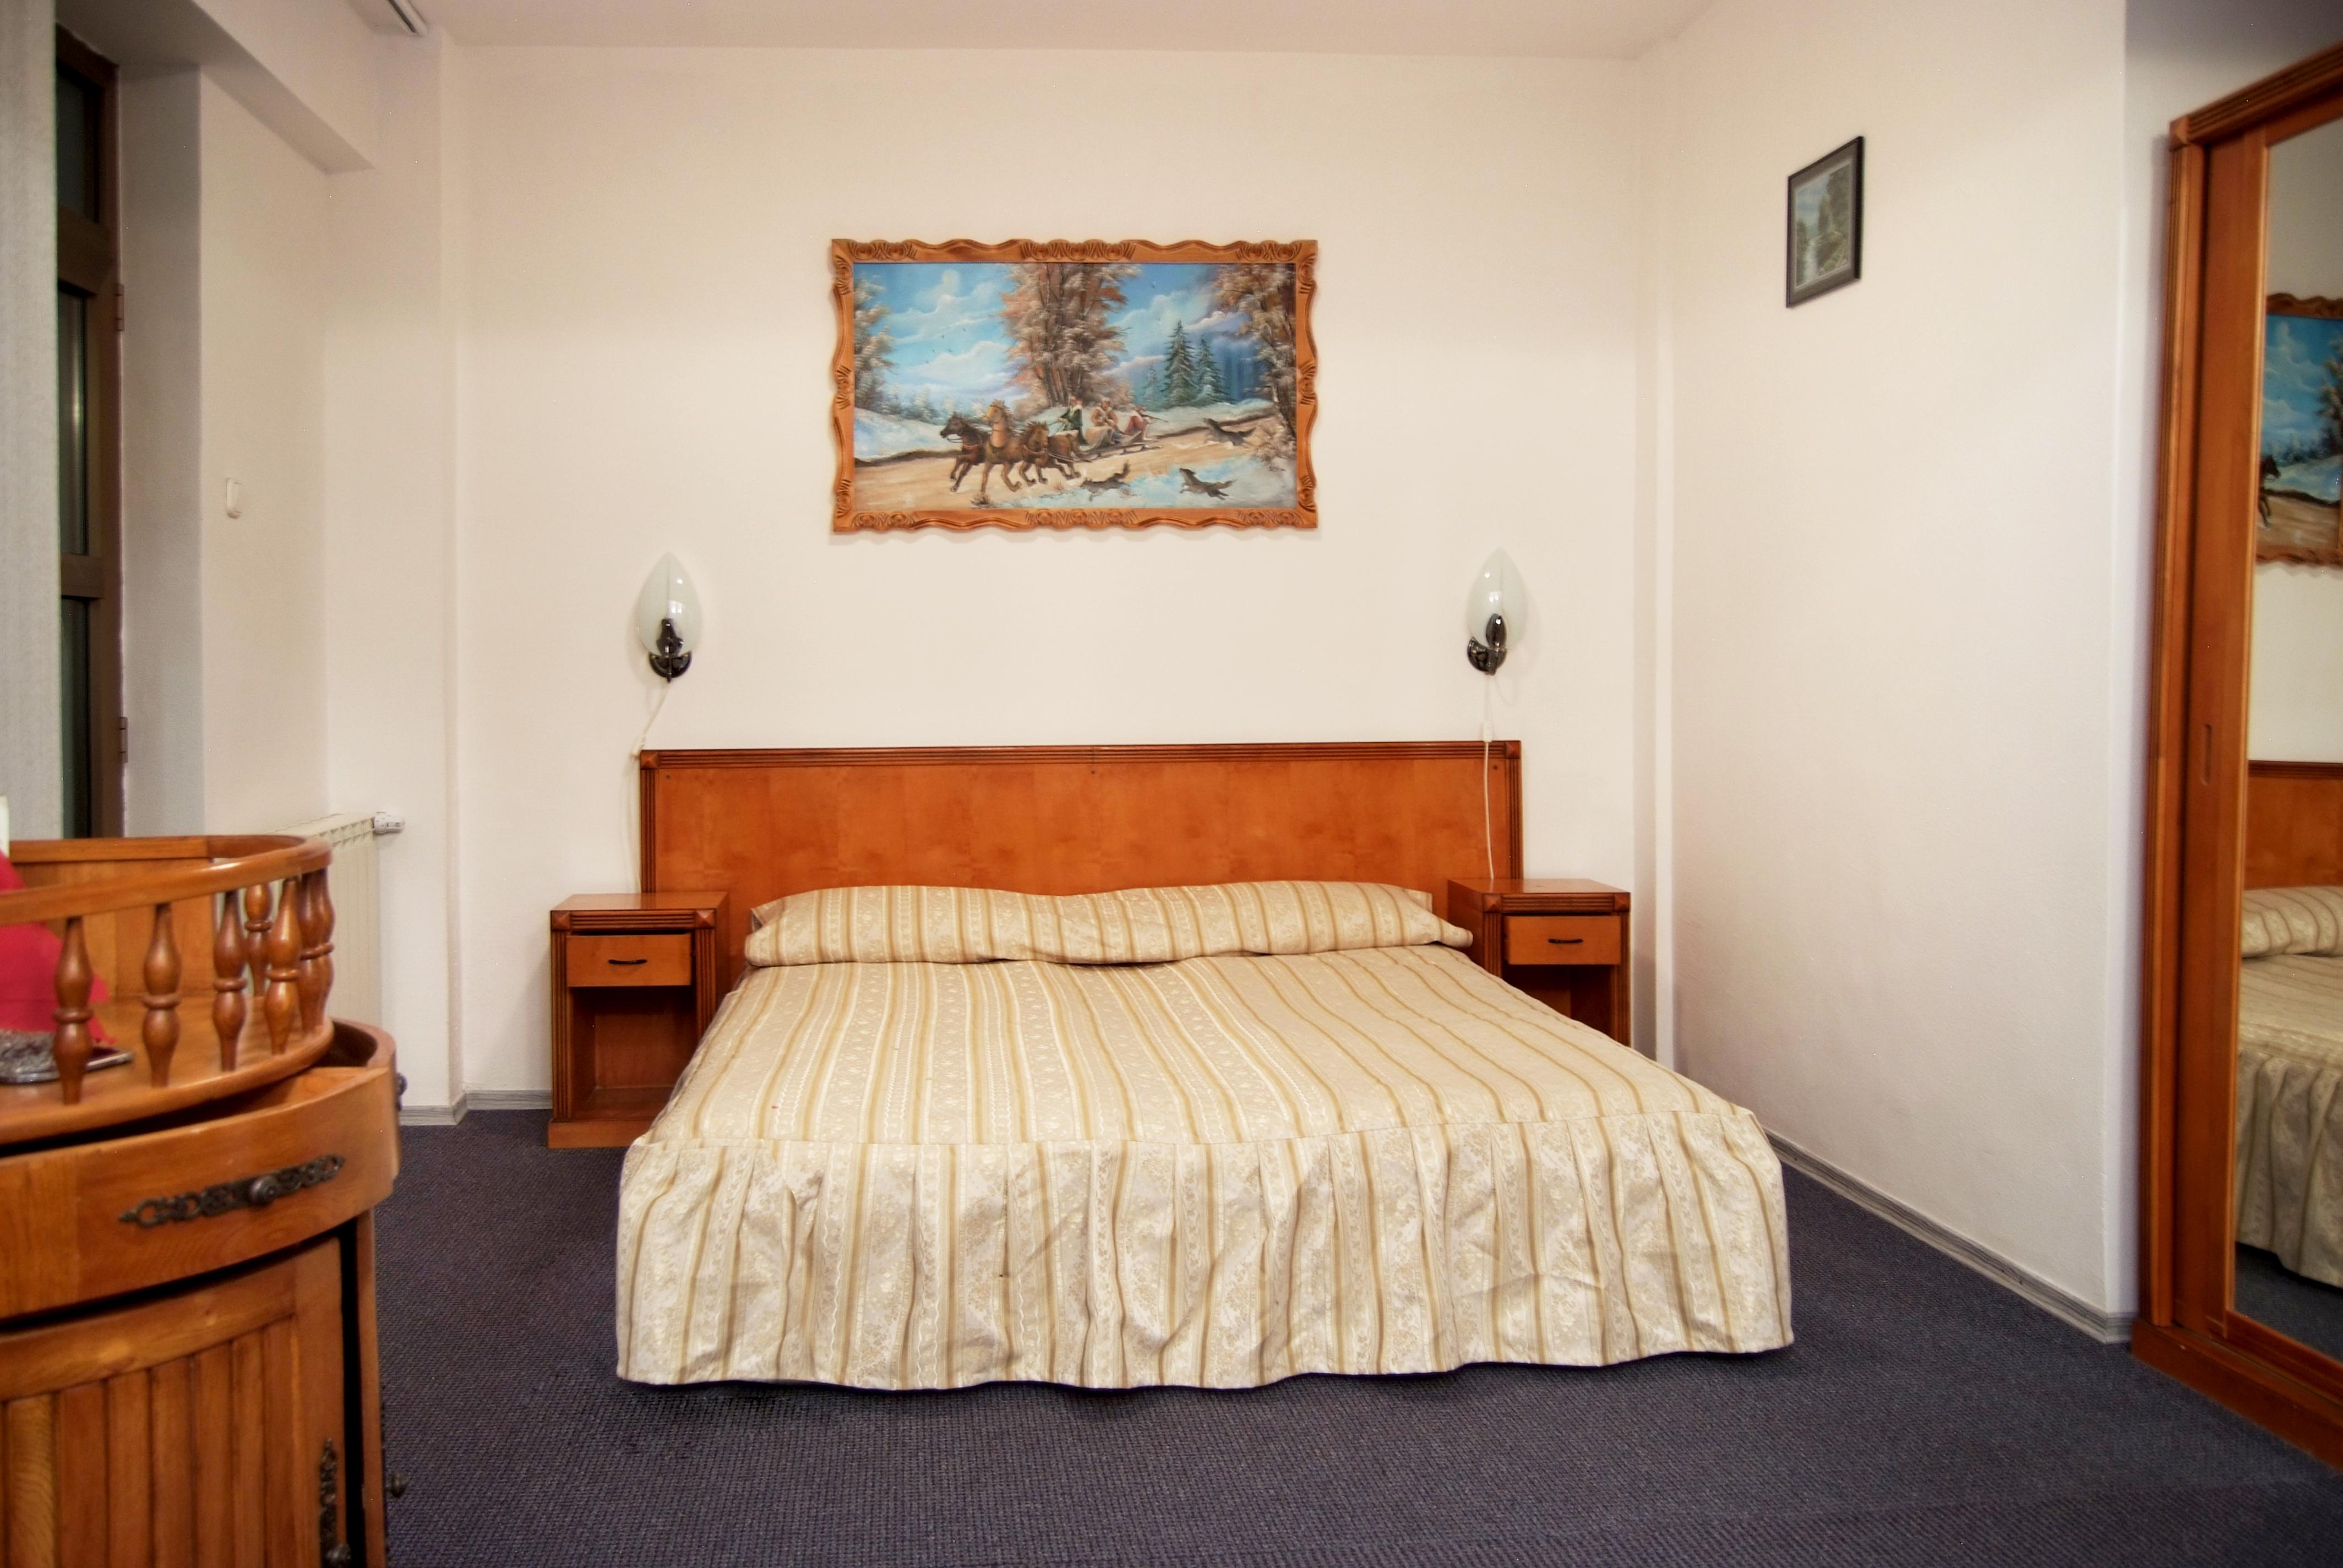 Matrimonio Bed : Double room accommodation at hotel slanic moldova